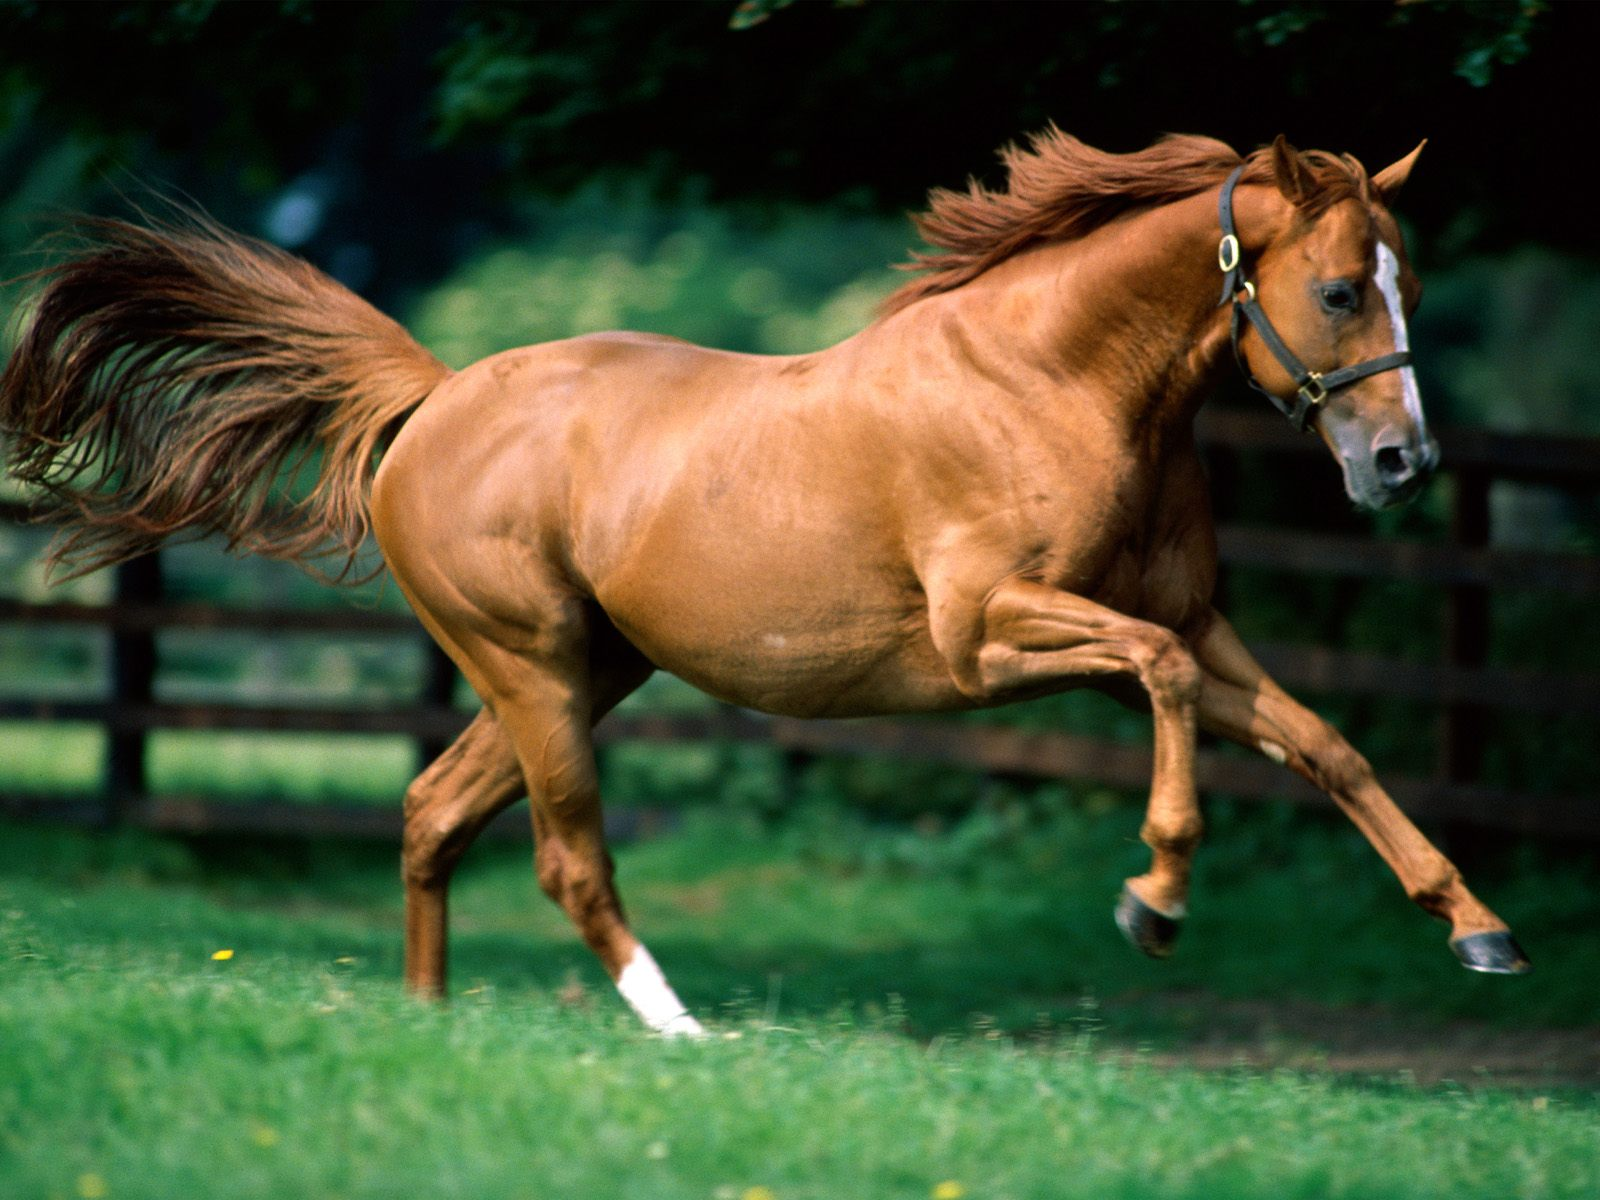 Top   Wallpaper Horse Desktop Background - Beauriful-Running-Horse-Brown-Wallpaper  2018_366320.jpg